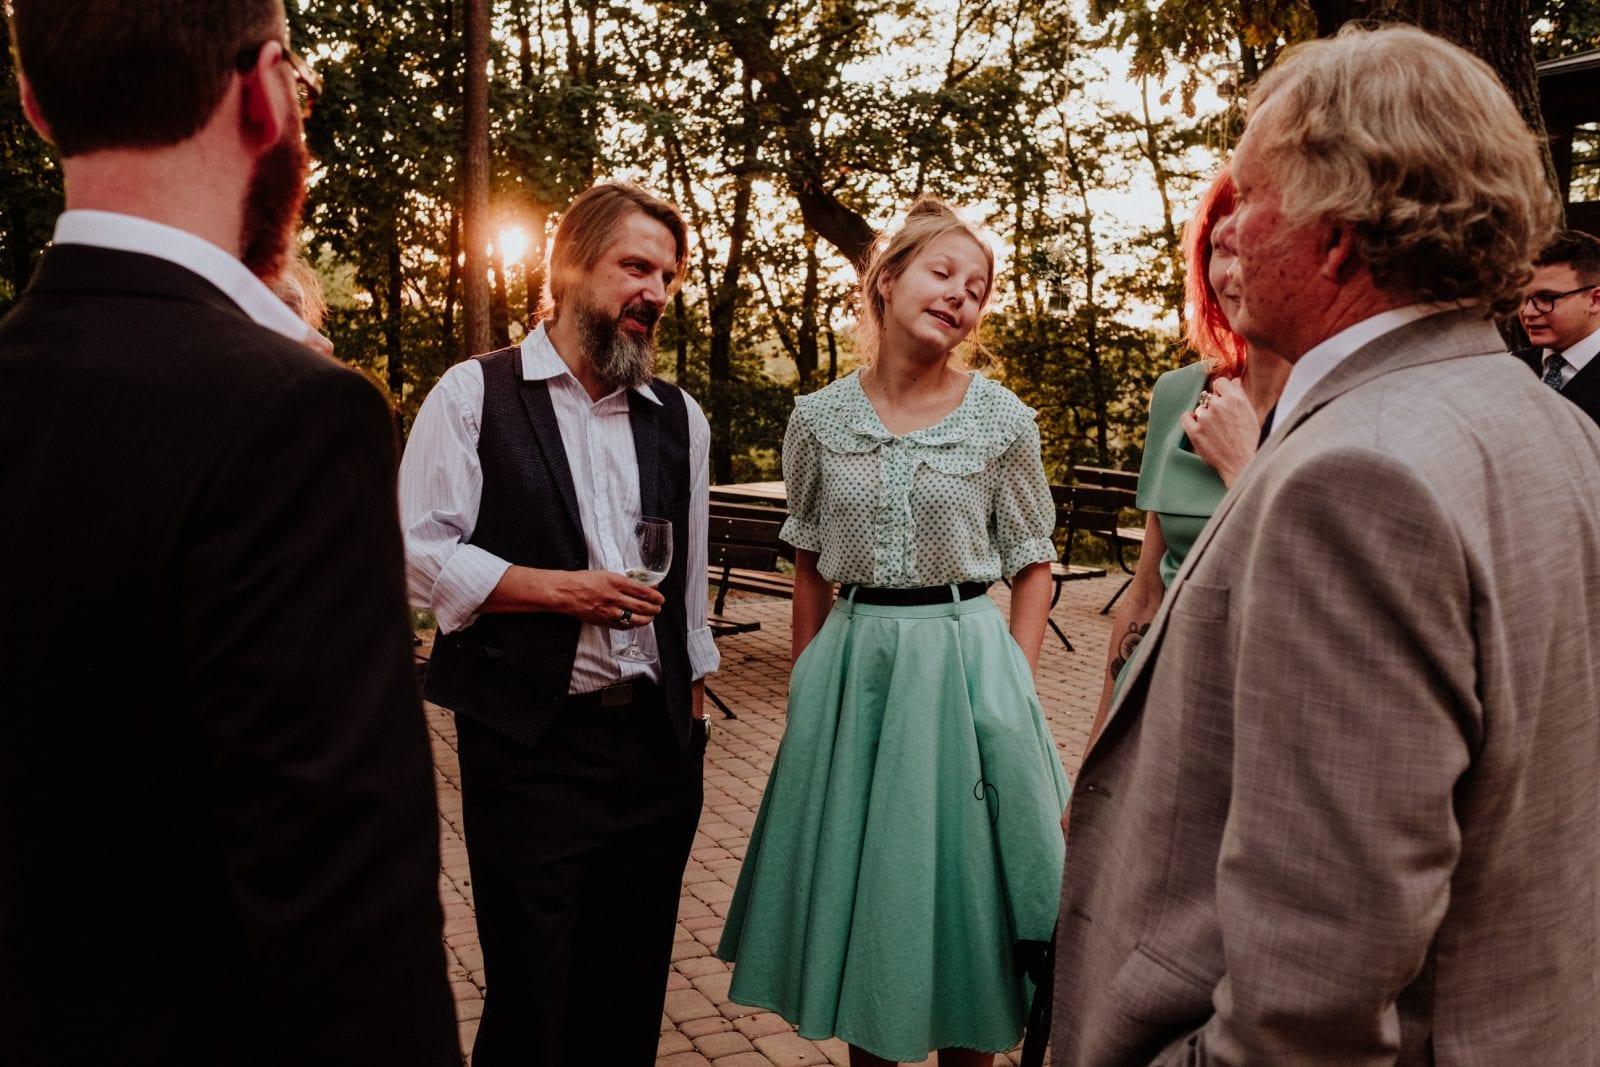 przyjęcie weselne na zewnątrz